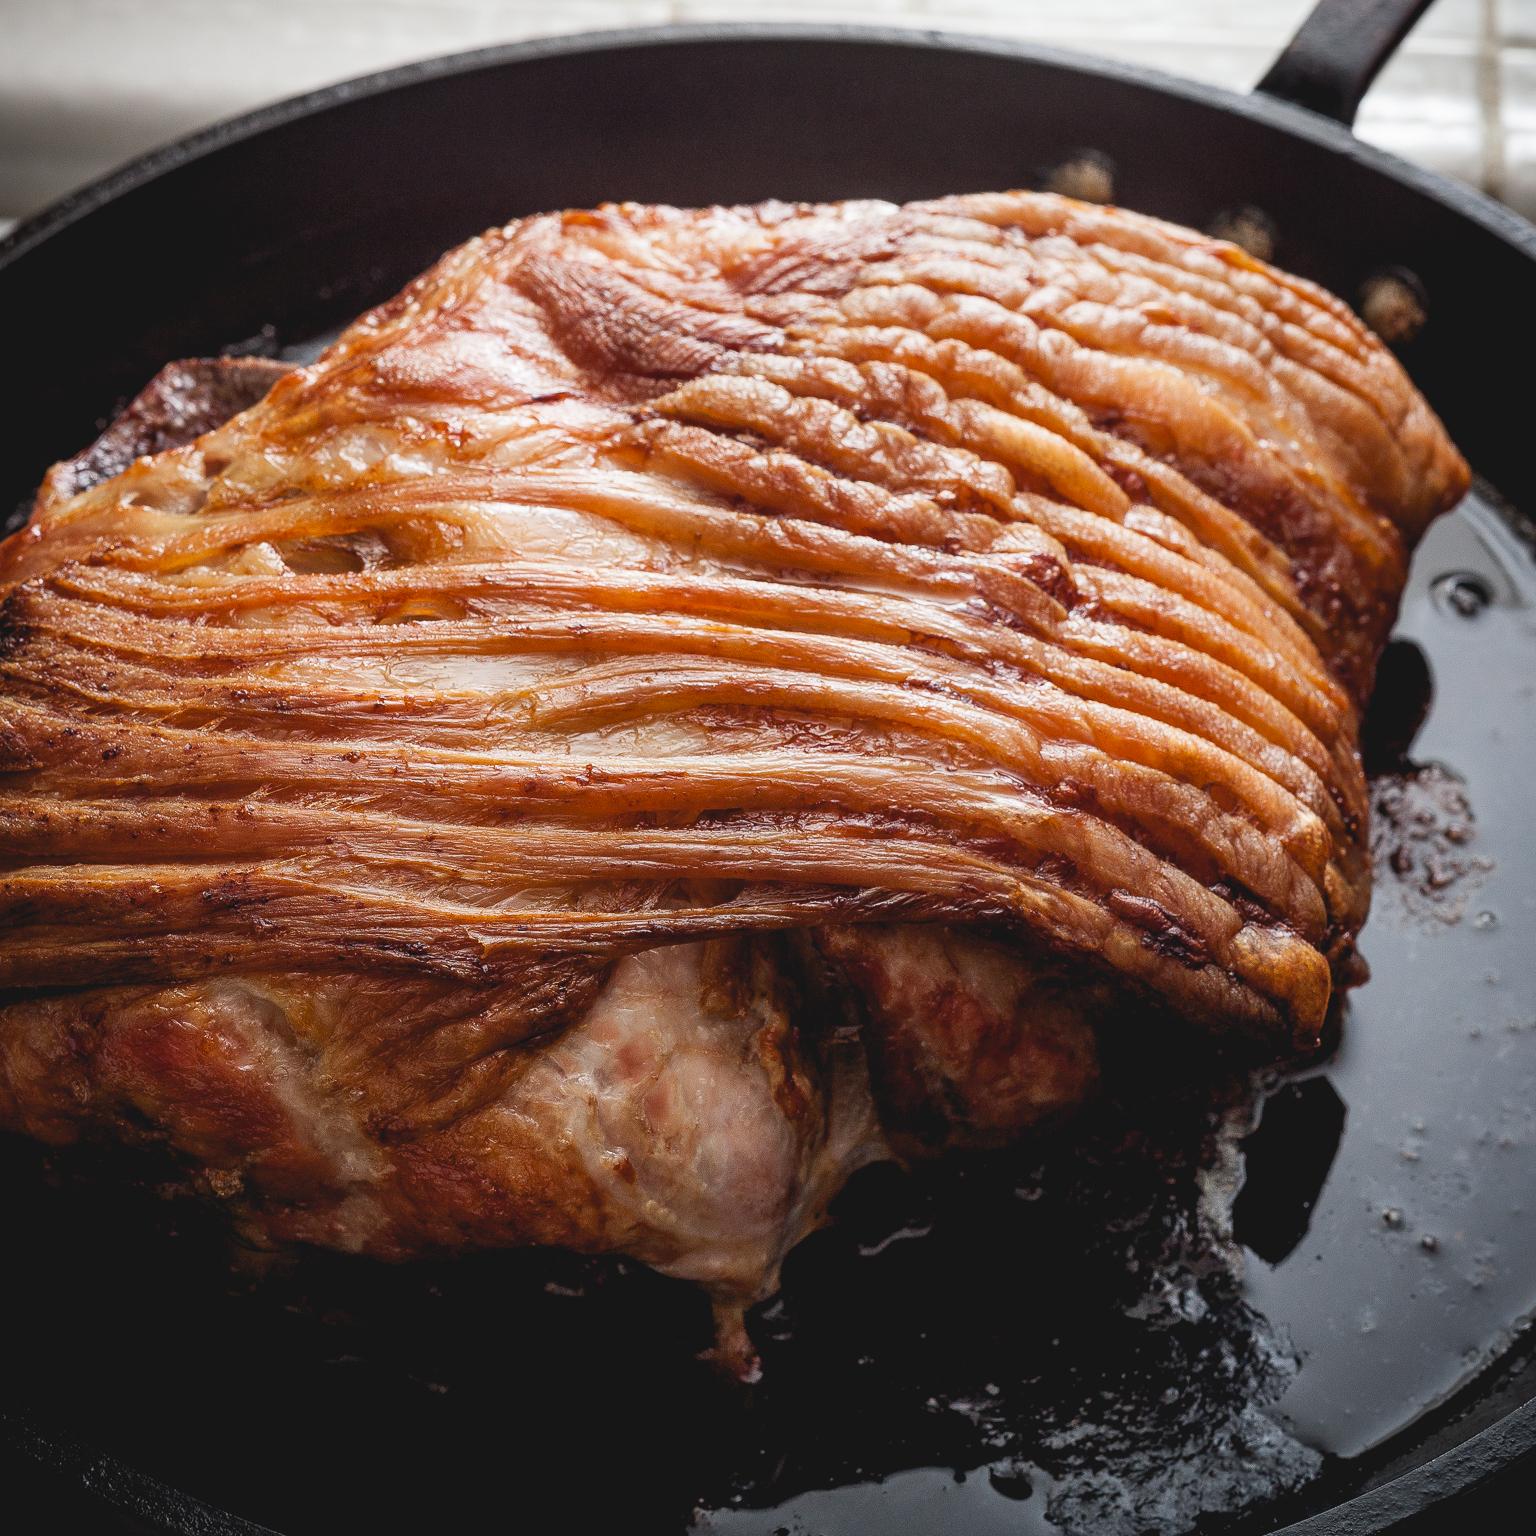 The Best Oven Roasted Pork Shoulder I've Ever Made